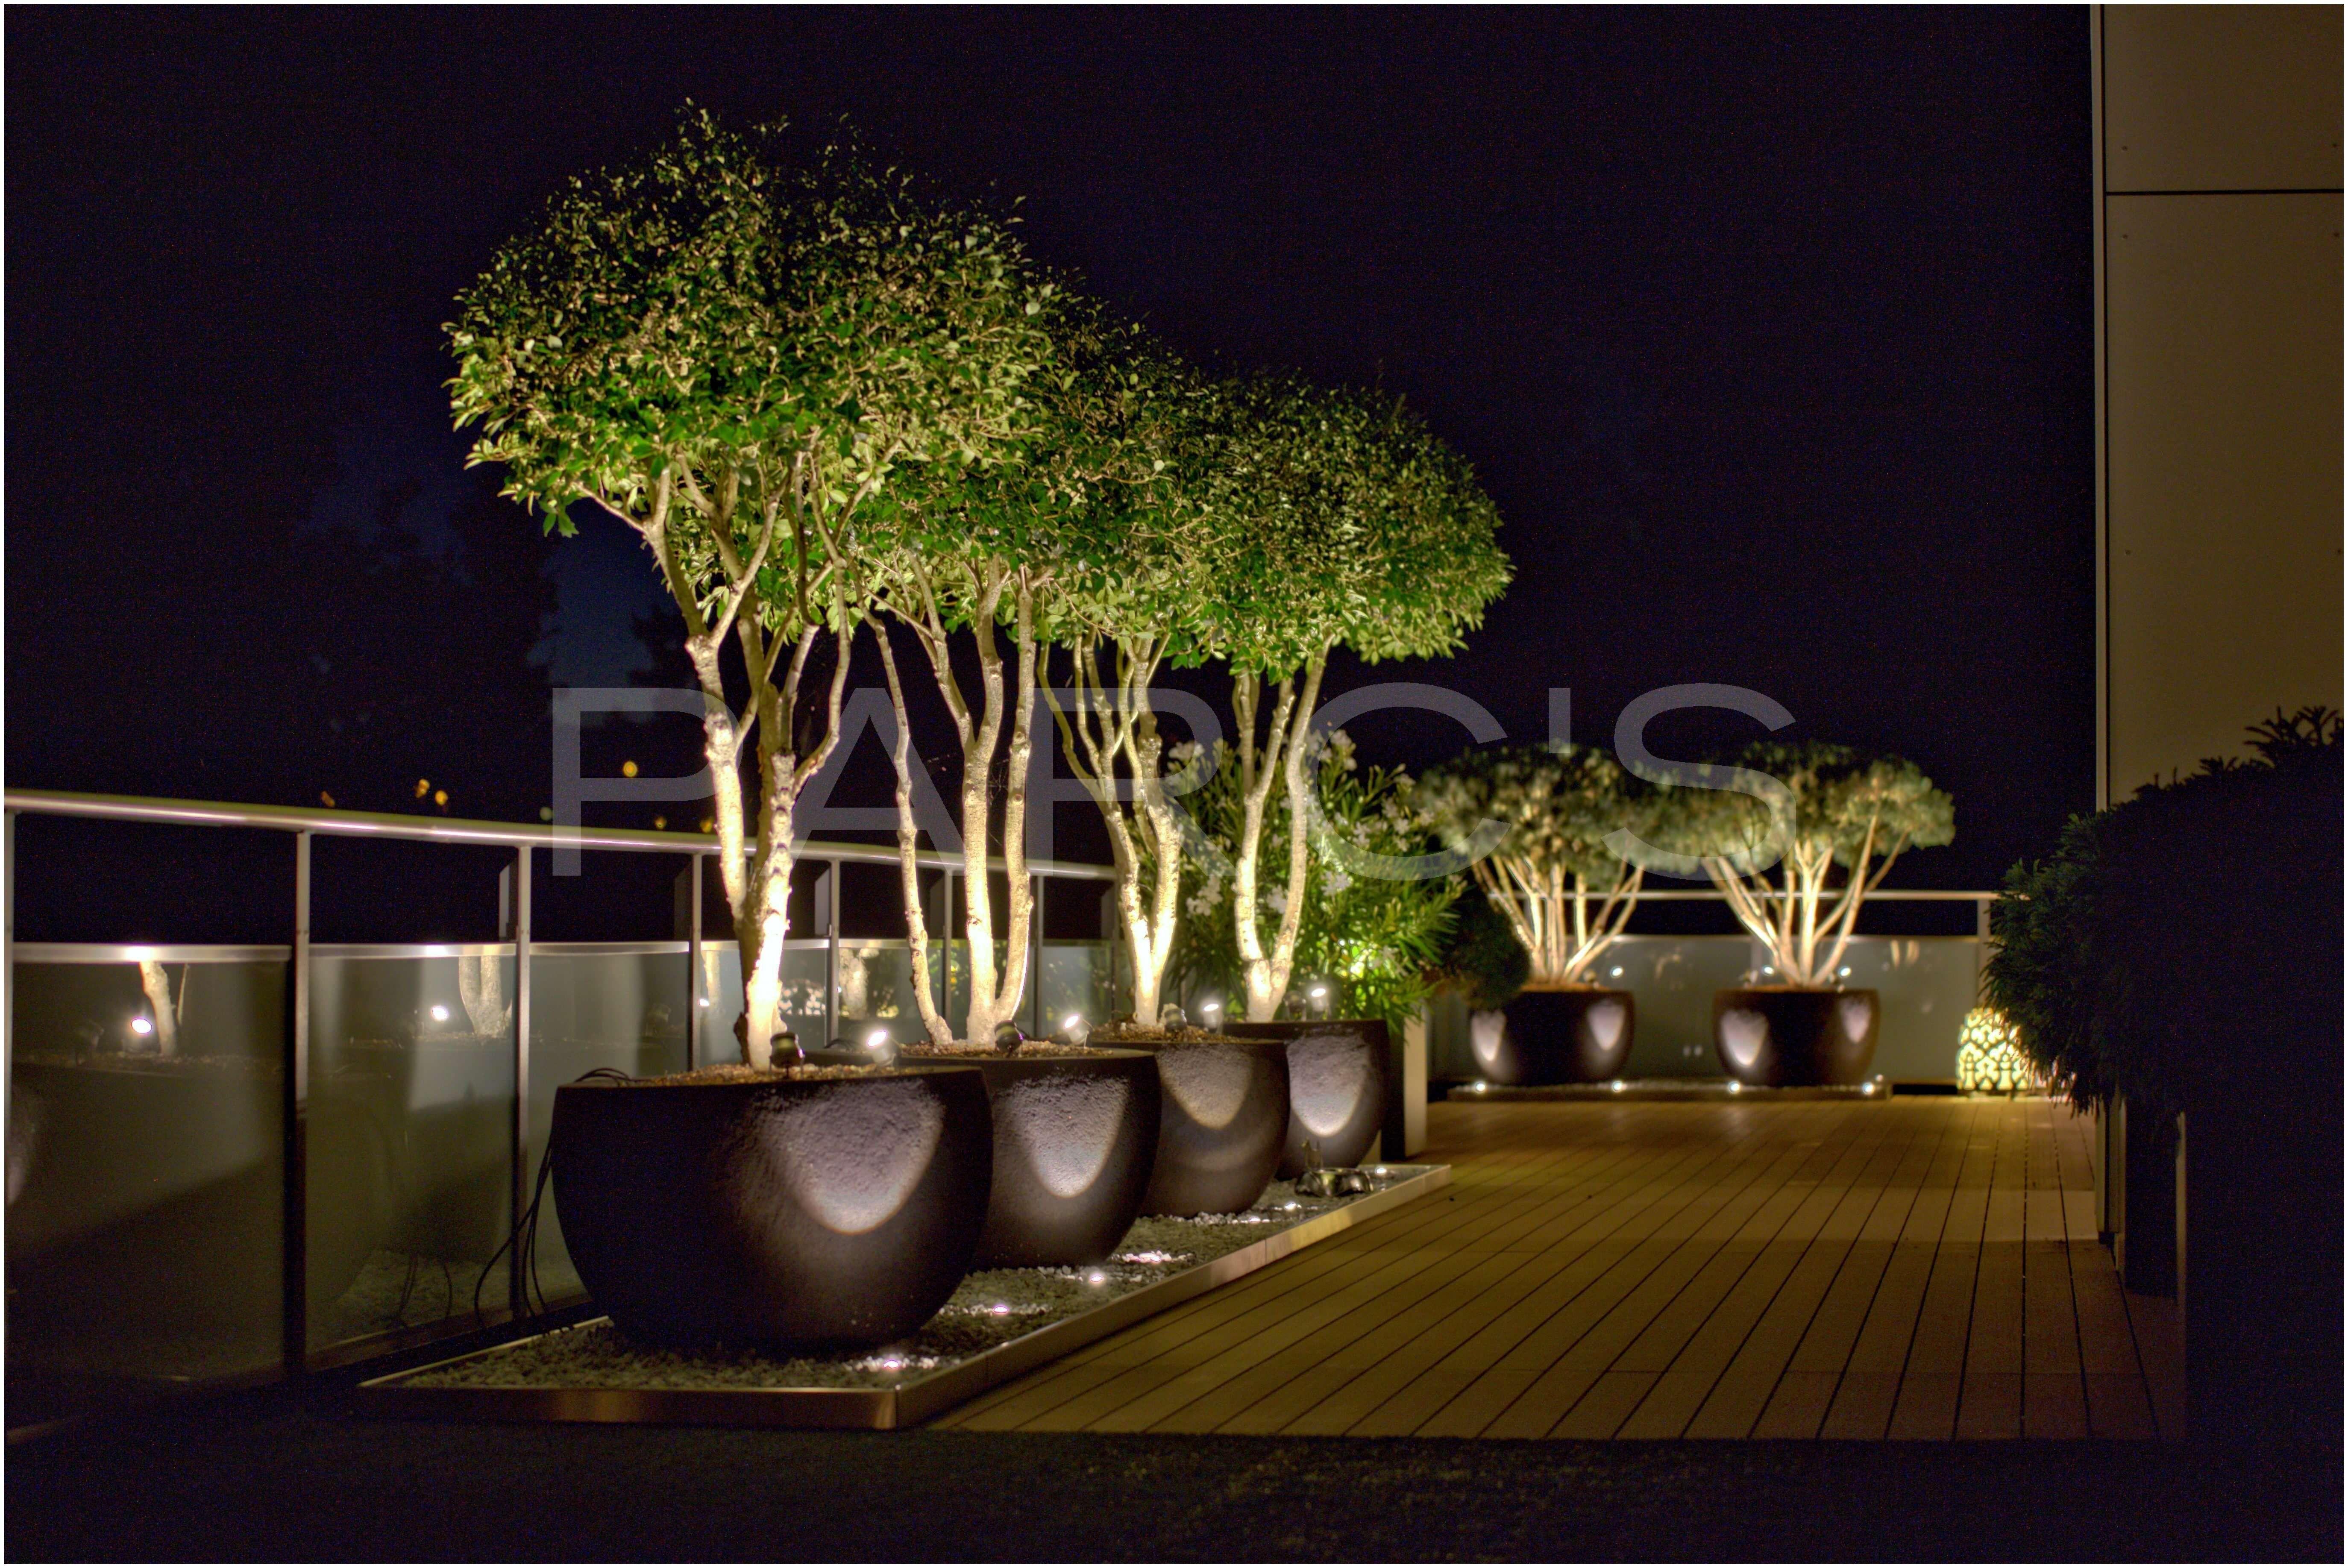 17 Licht Im Garten Ohne Strom In 2020 Beleuchtung Garten Licht Im Garten Terrassenbeleuchtung